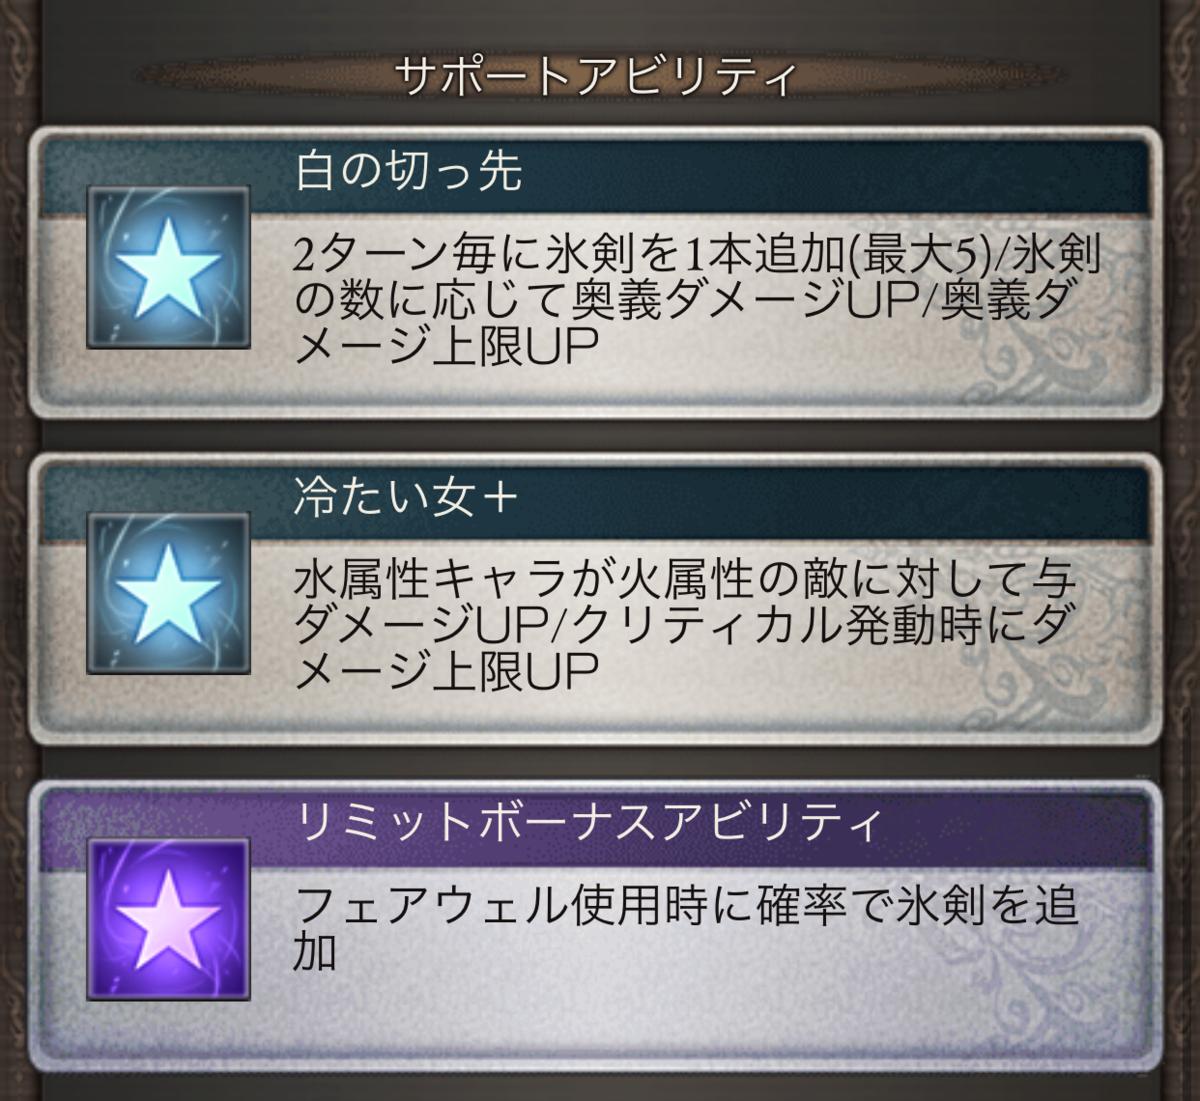 f:id:akiura774:20210319114606p:plain